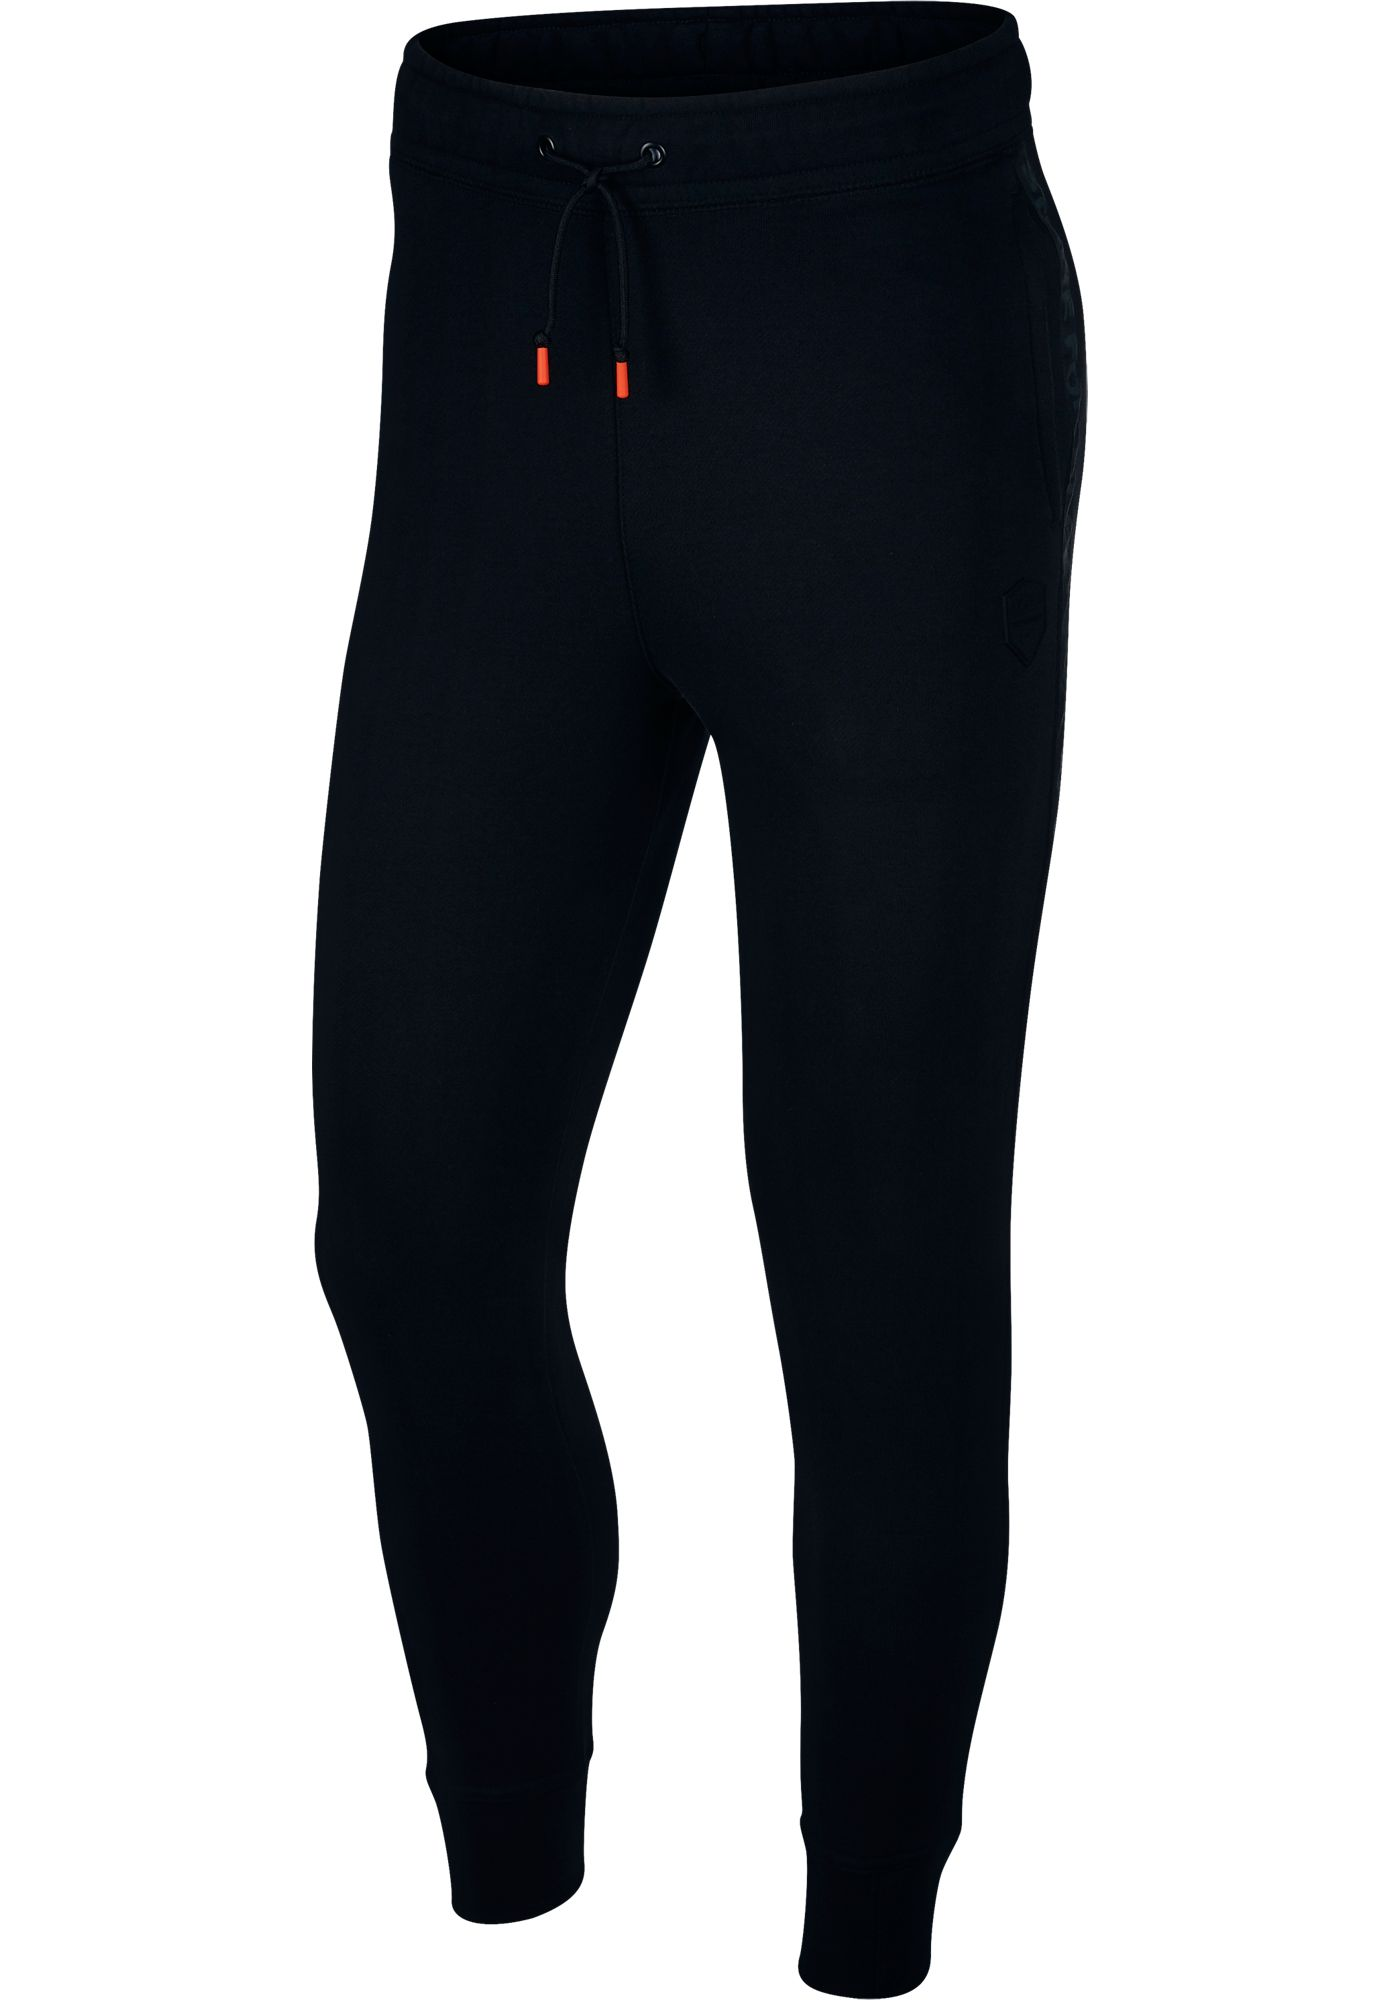 Nike Men's LeBron Basketball Pants